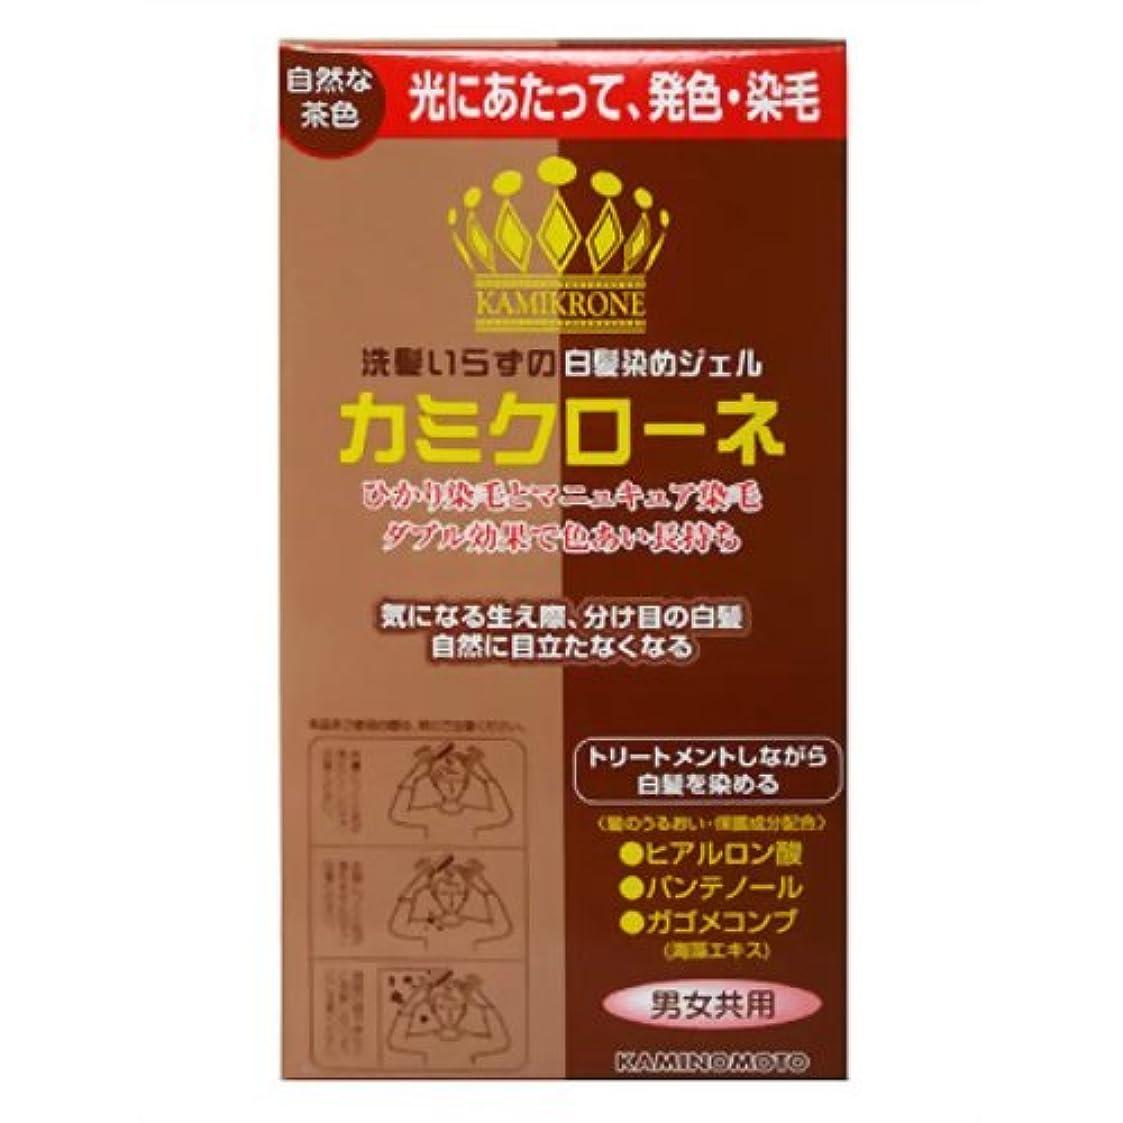 かみそり補充永遠の加美乃素 カミクローネ 自然な茶色 80ml